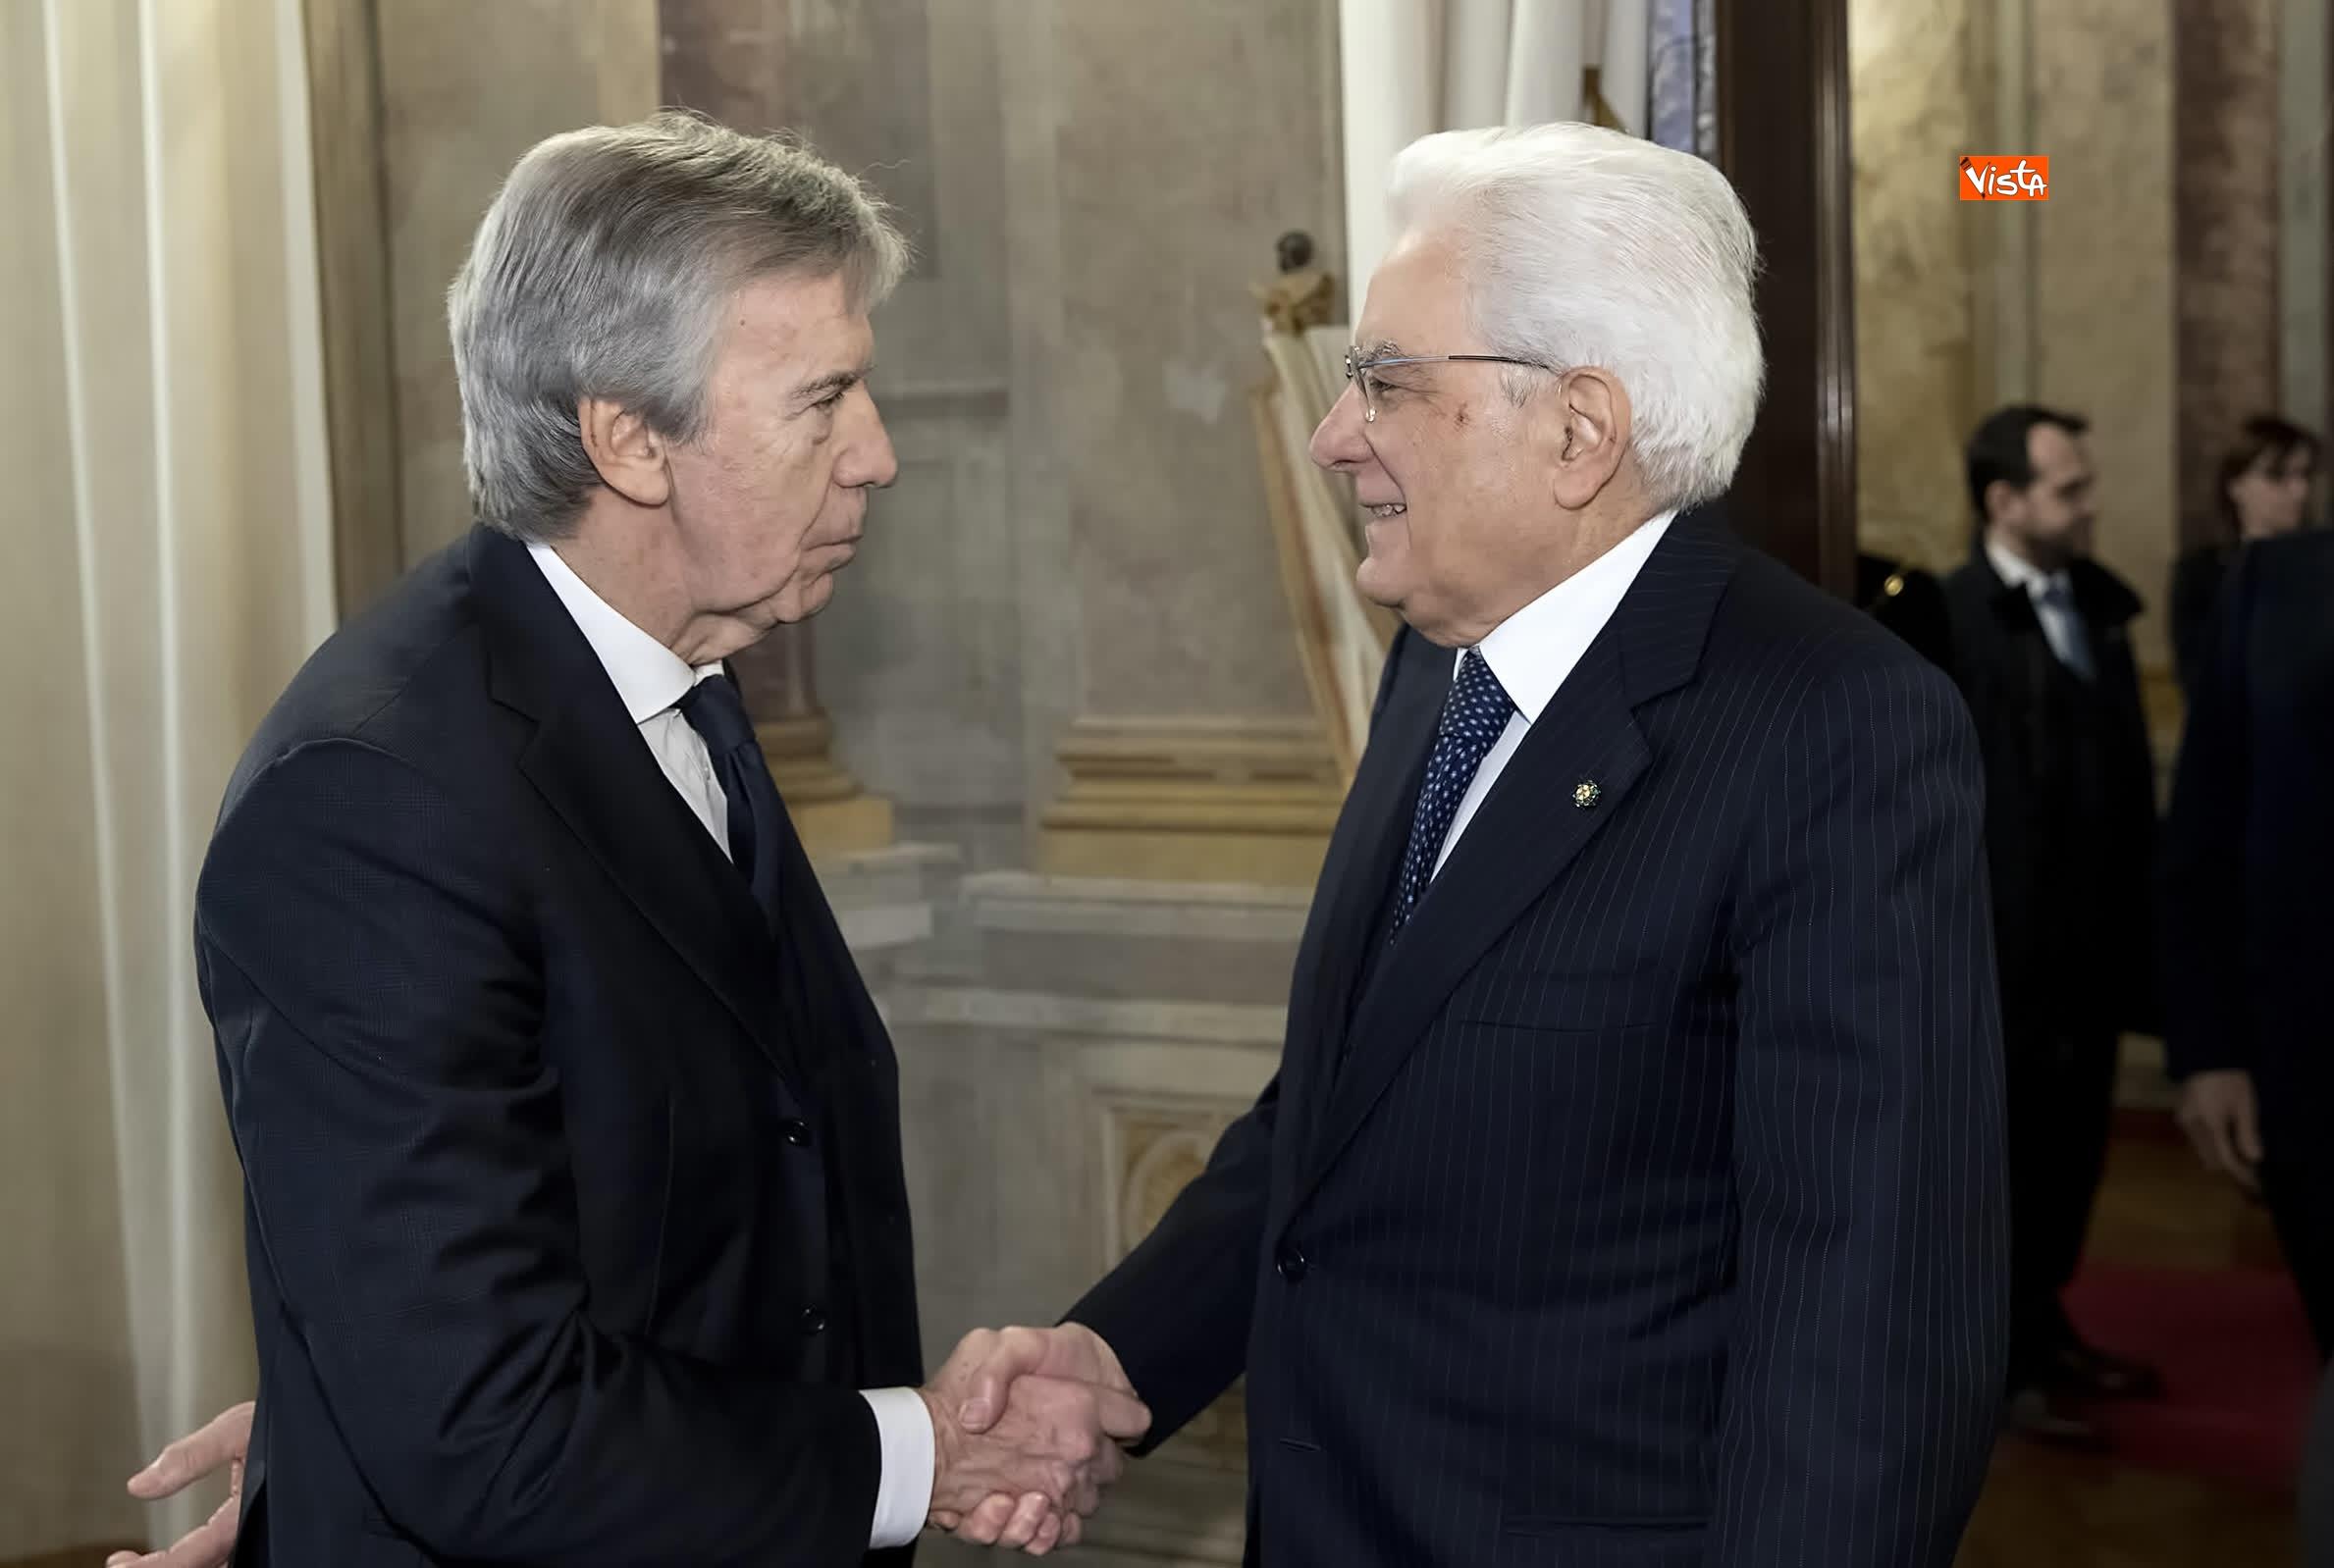 14-03-19 Mattarella partecipa alla cerimonia commemorativa del Sen. Carlo Donat-Cattin